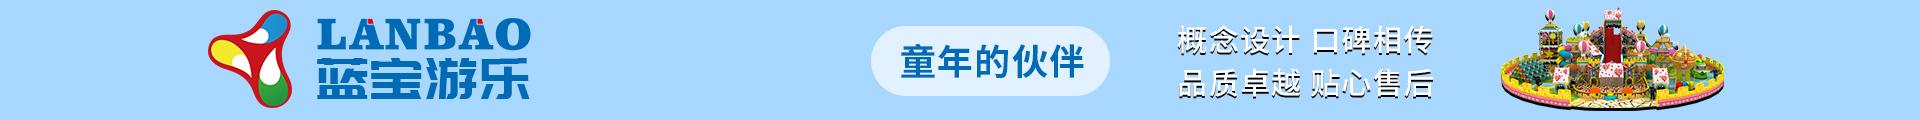 浙江藍寶遊樂設備有限公司